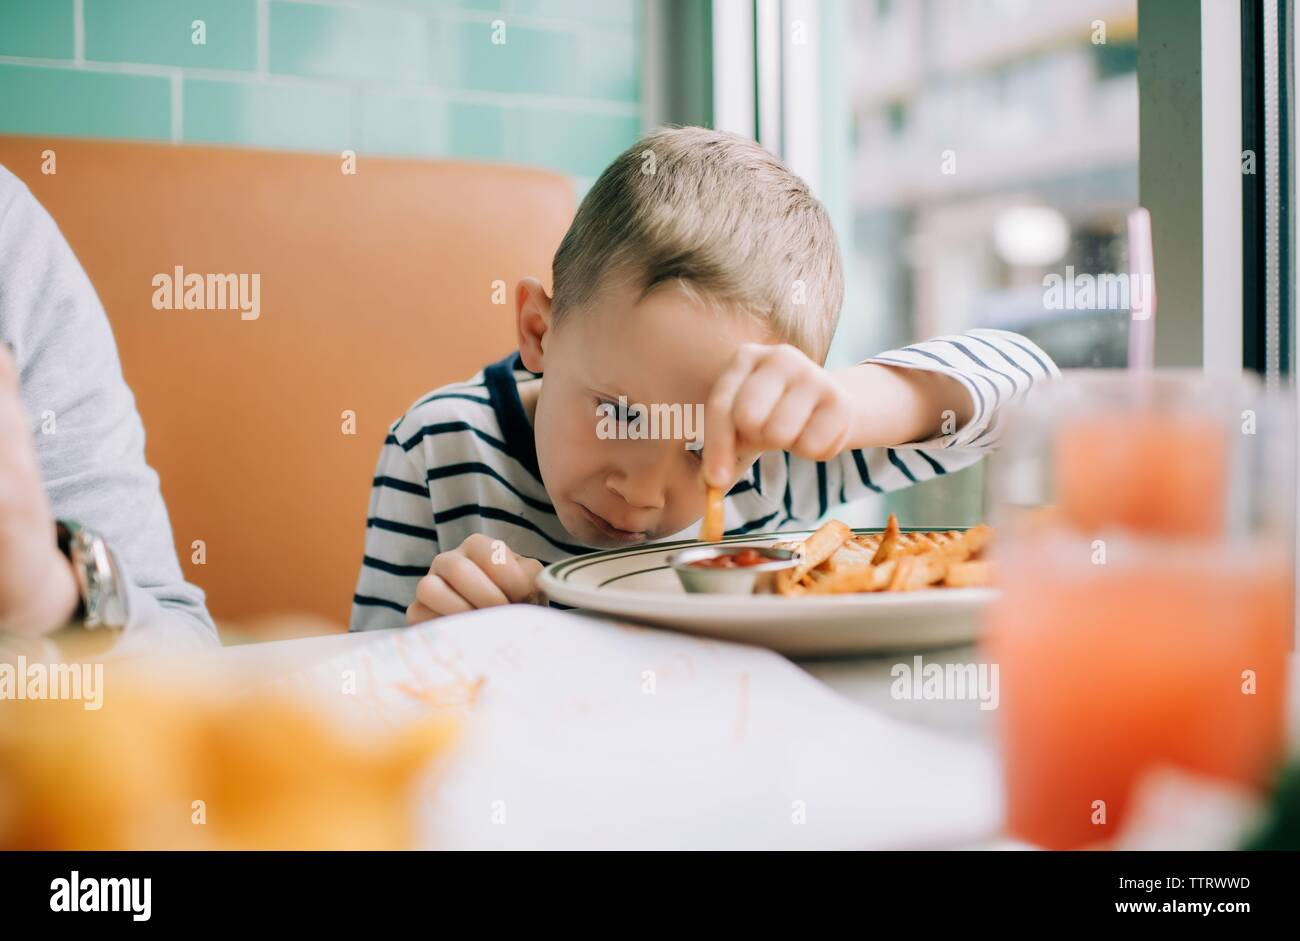 Joven comiendo papas fritas se sumerge en salsa en un restaurante Foto de stock